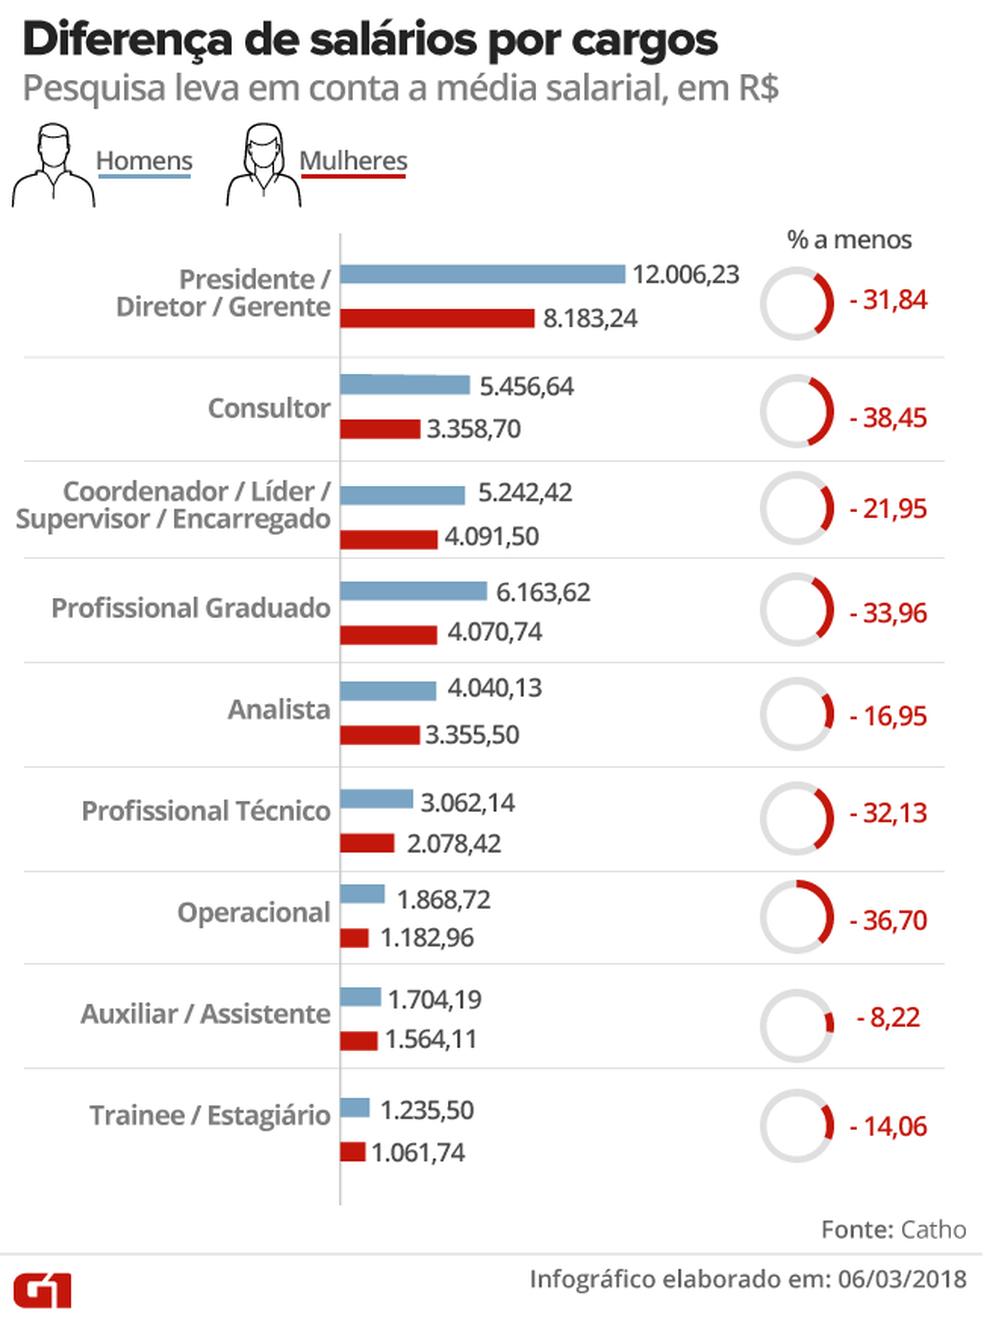 Diferenças de salários entre homens e mulheres de acordo com os cargos (Foto: Karina Almeida/G1)